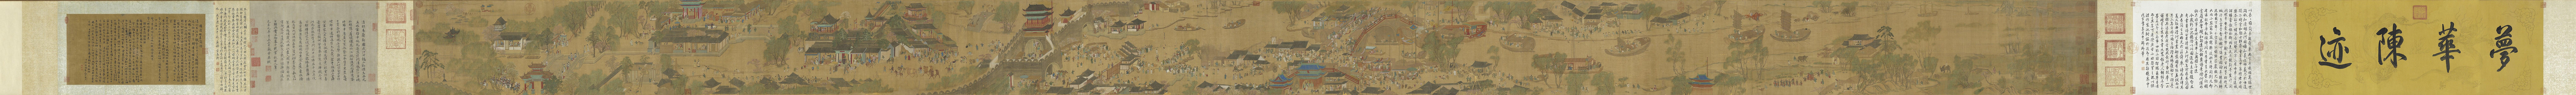 zhang zeduan - image 10